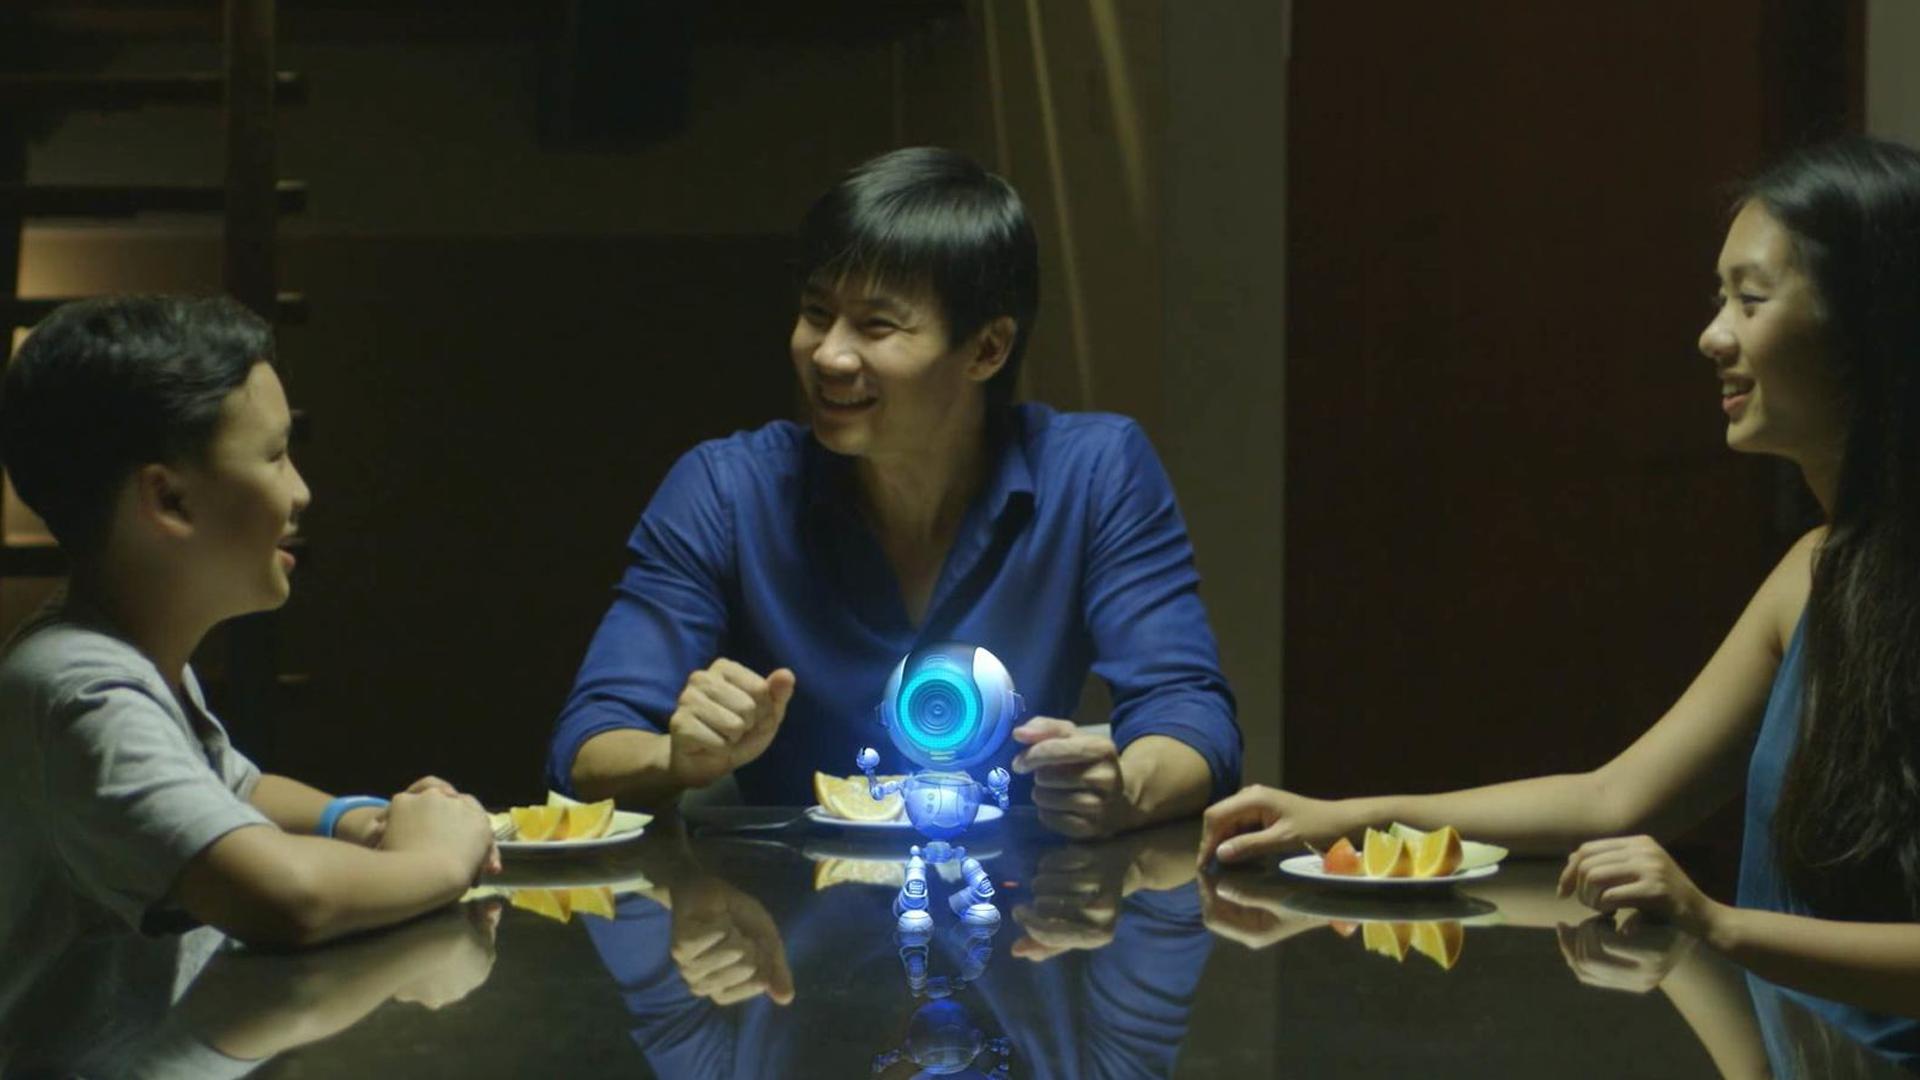 MAS | A Glimpse into The Future